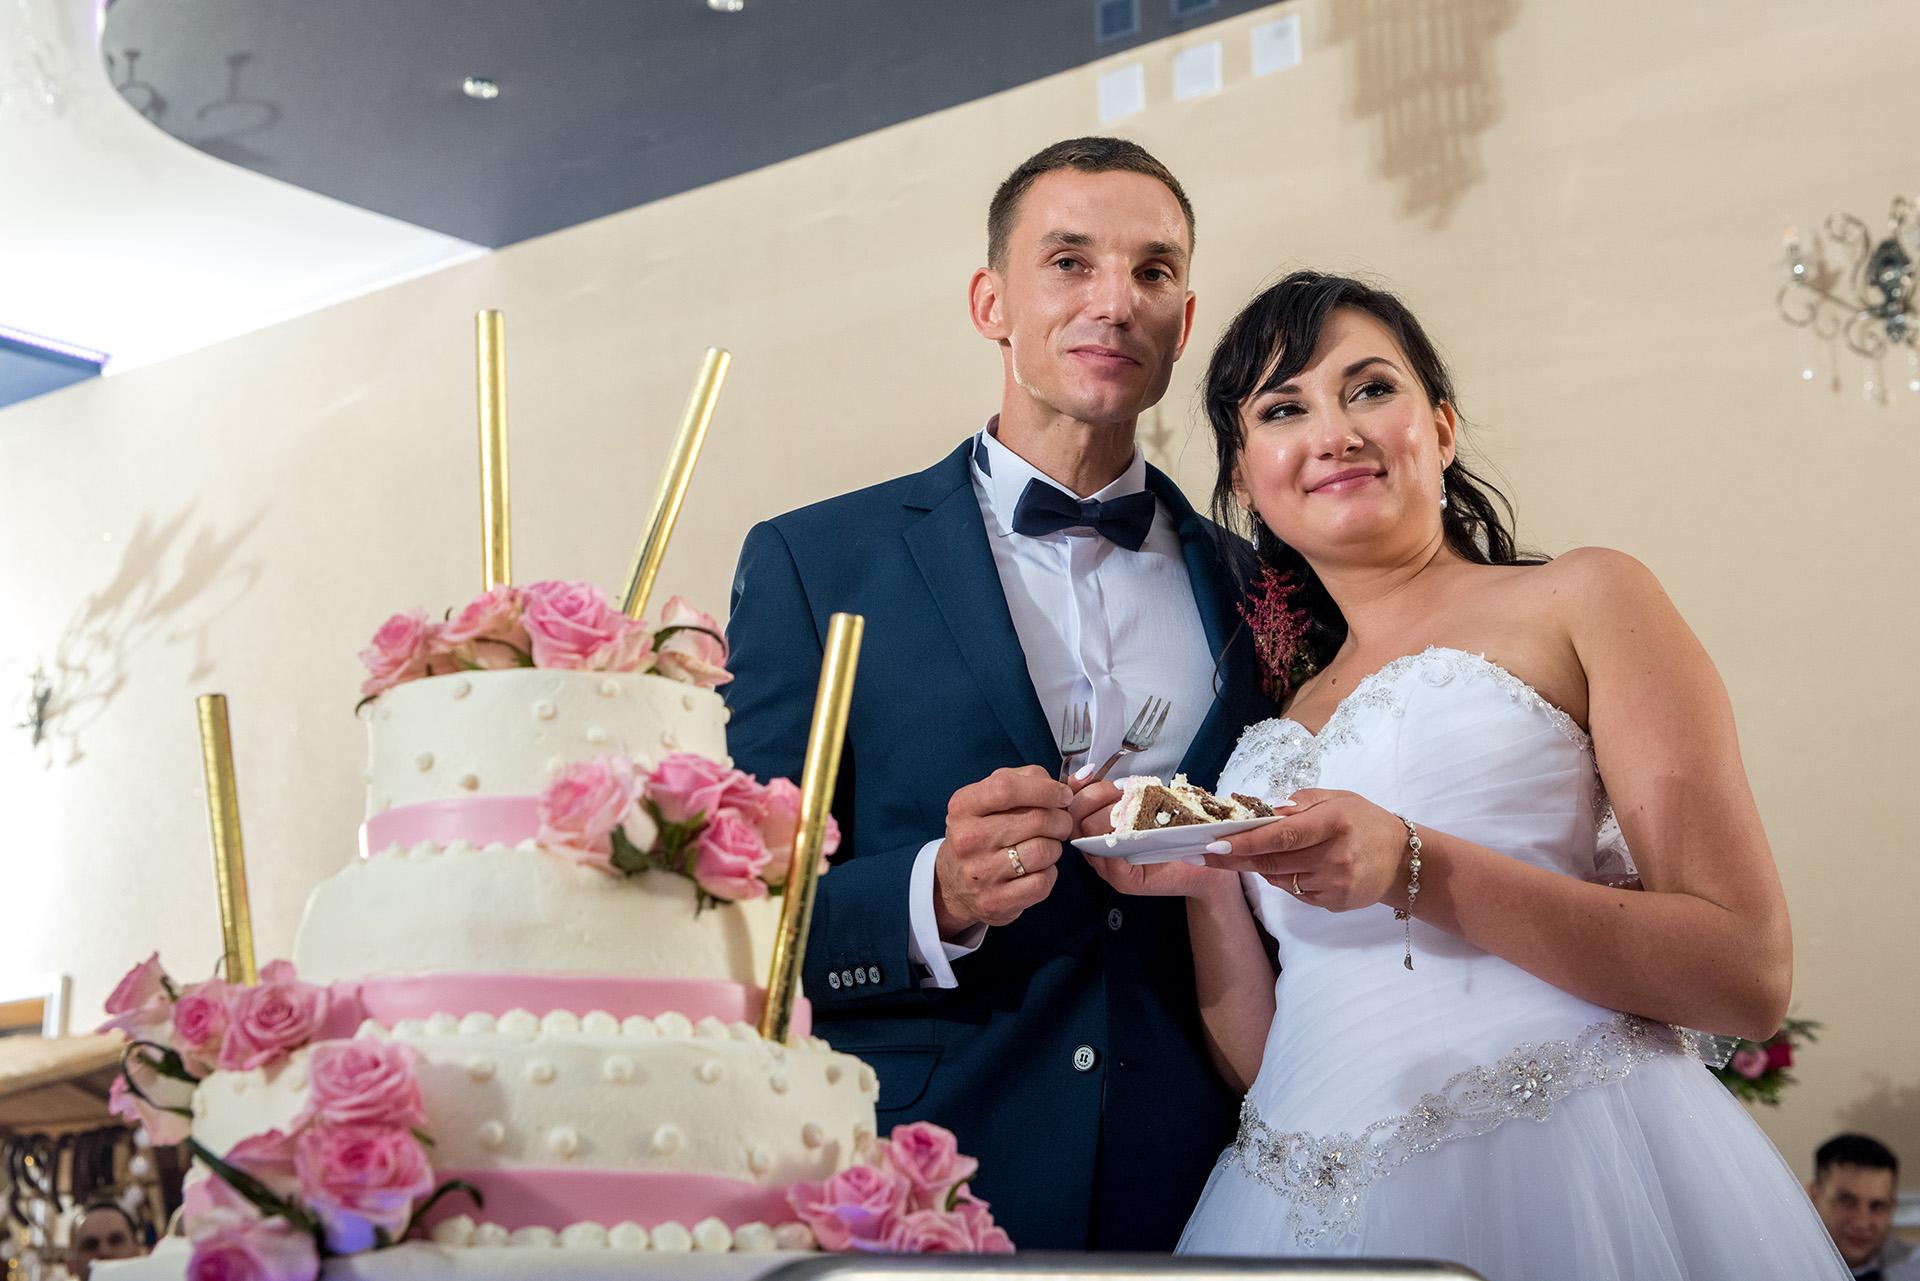 tort weselny wesele - fotograf ślubny - fotografia ślubna - zdjecia podczas wesela